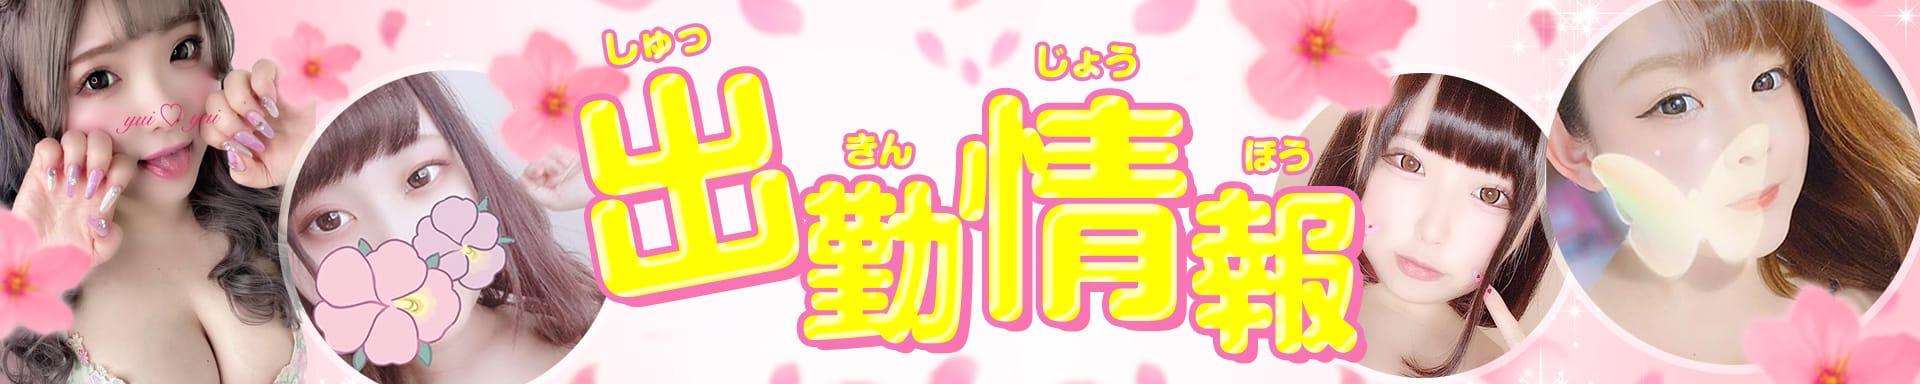 ちょいポチャ巨乳専門店(ぷっちょ) その3